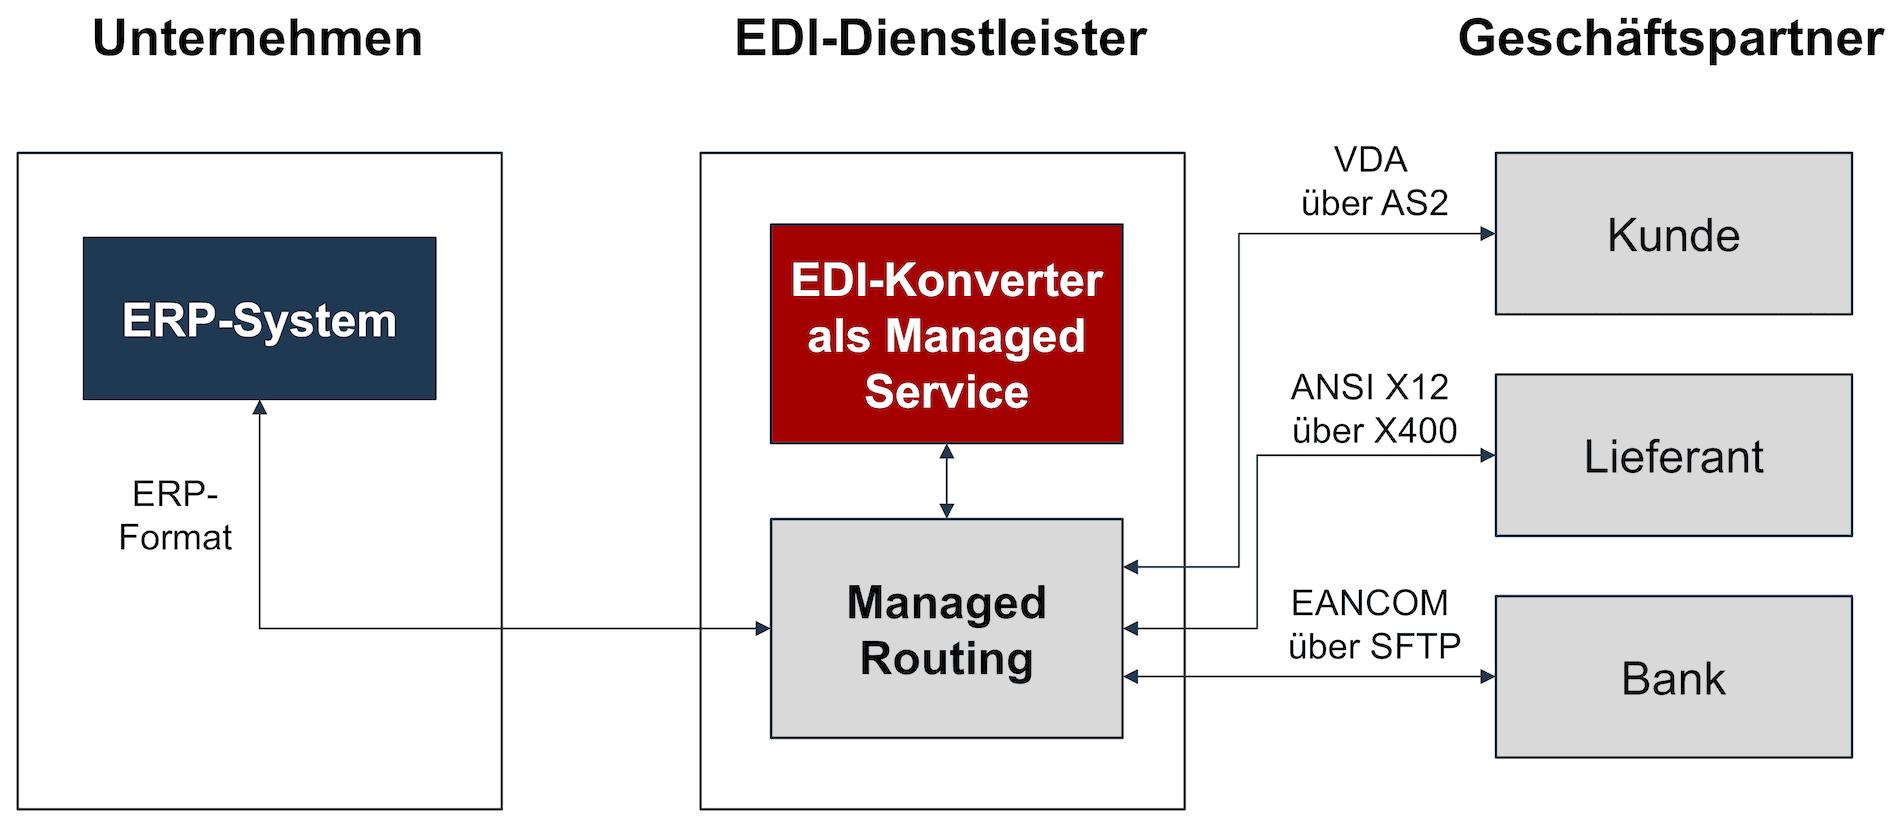 EDI-Konverter als Managed Service Lösung